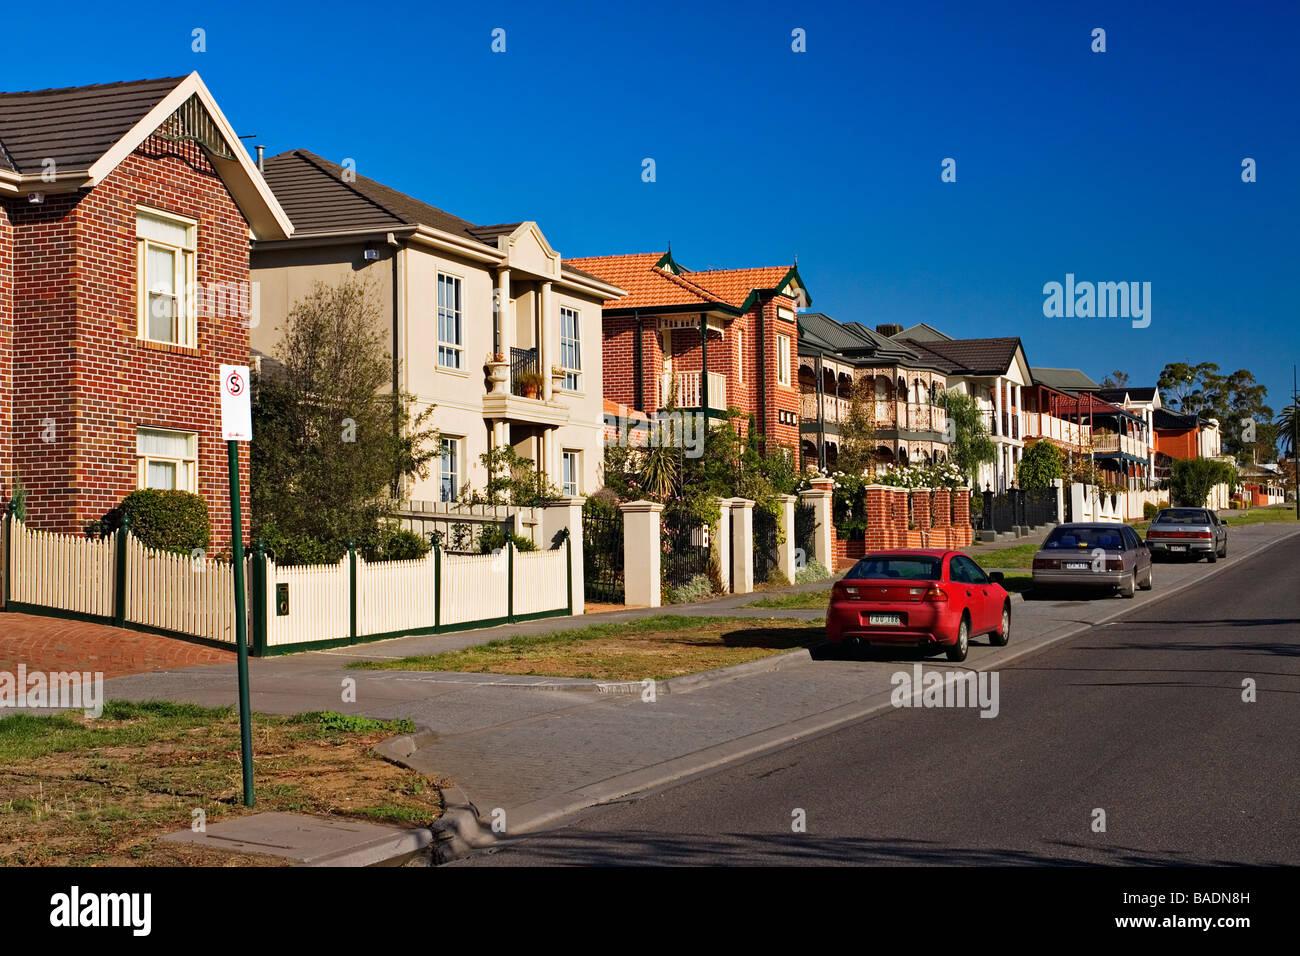 Los hogares residenciales / Australian viviendas en una urbanización.La ubicación es Melbourne, Victoria, Imagen De Stock